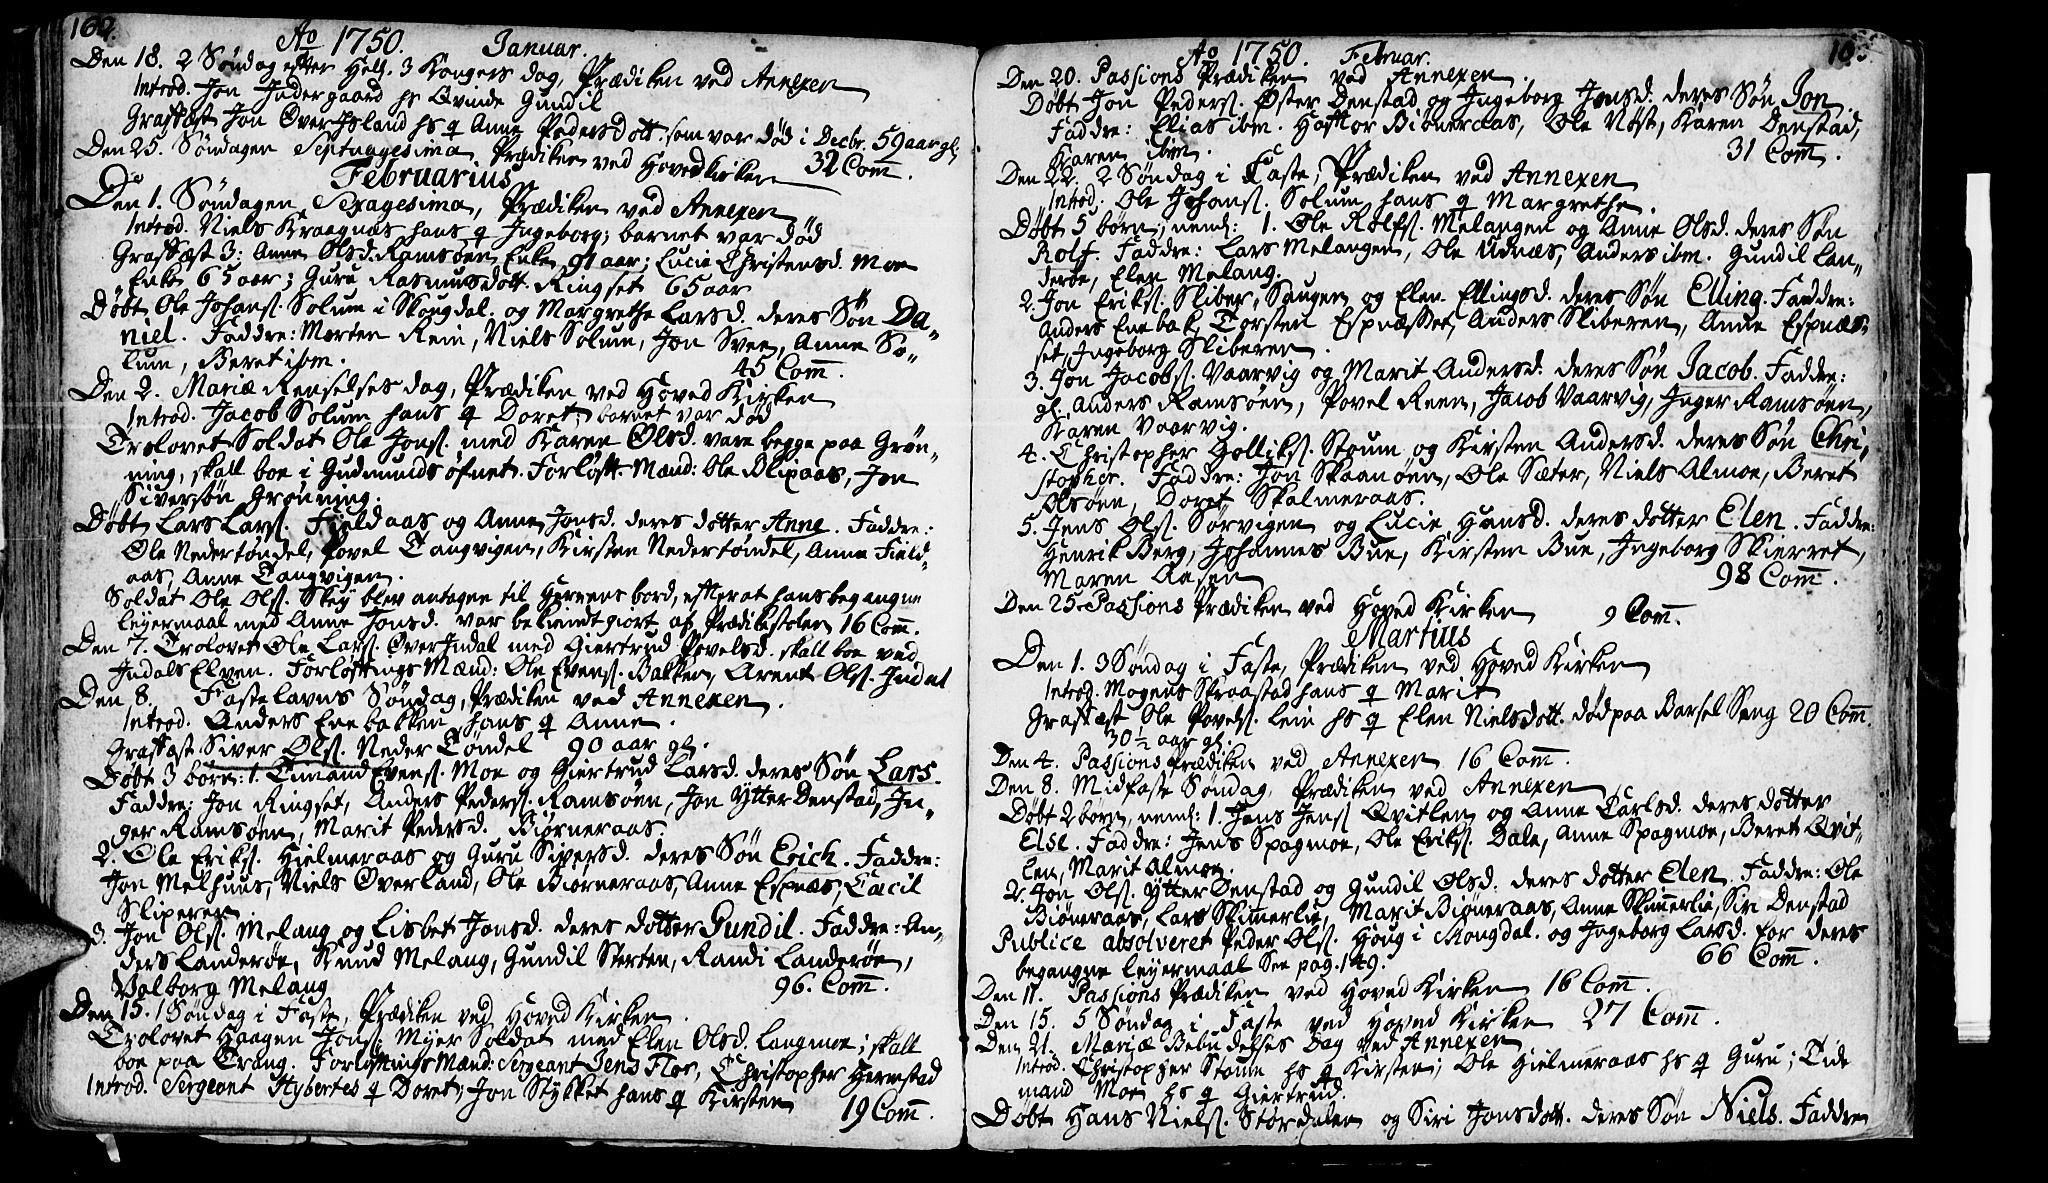 SAT, Ministerialprotokoller, klokkerbøker og fødselsregistre - Sør-Trøndelag, 646/L0604: Ministerialbok nr. 646A02, 1735-1750, s. 162-163